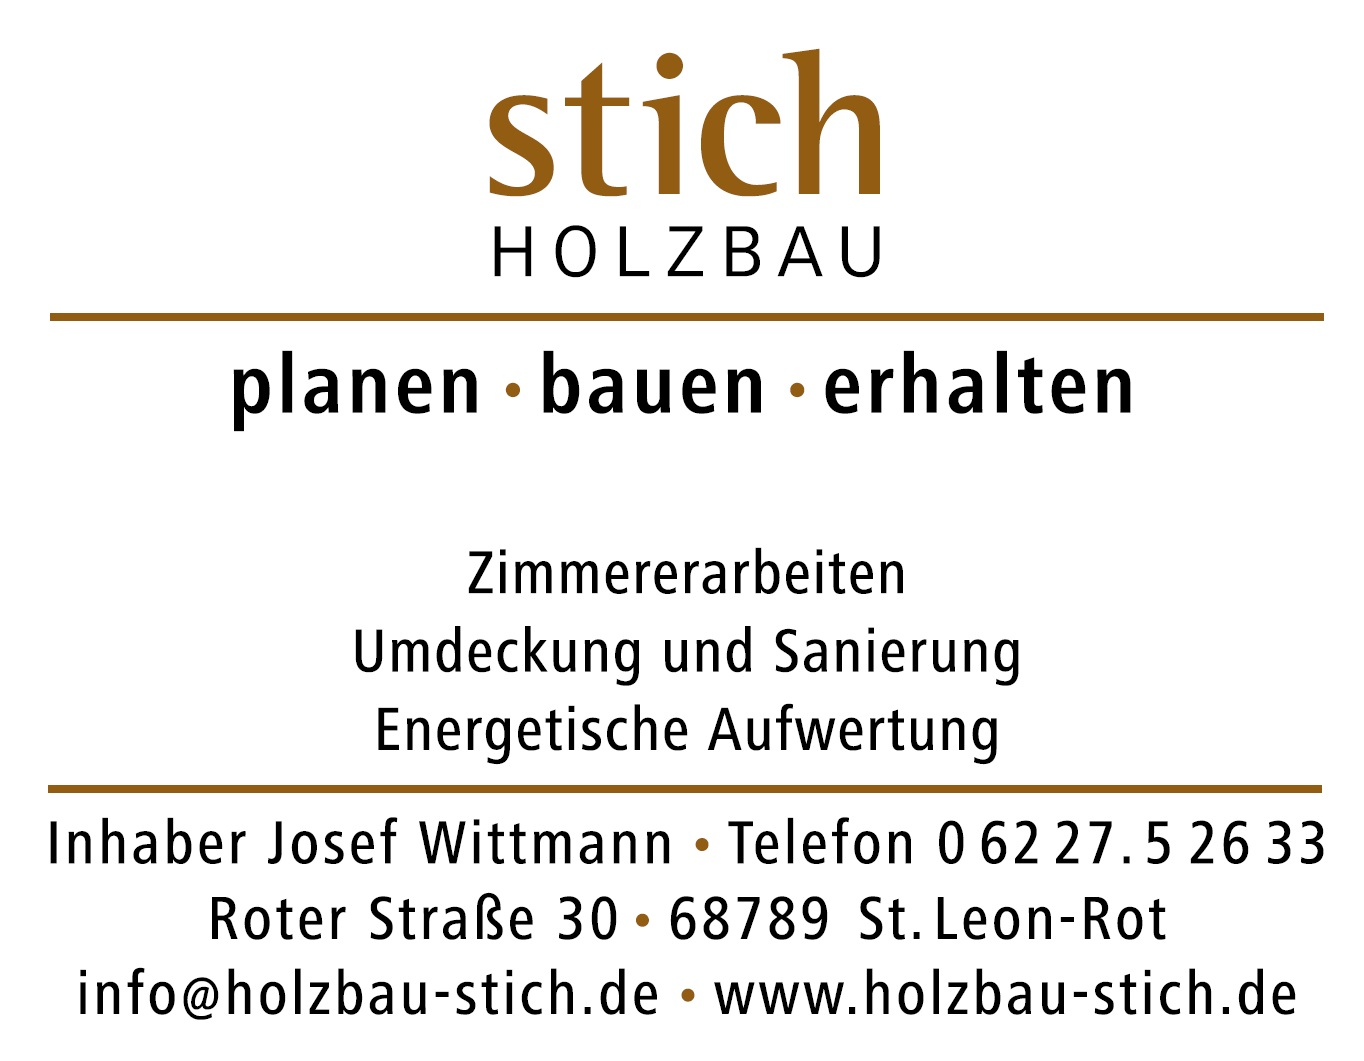 Stich_logo_jpg_für_HP_verlinkung